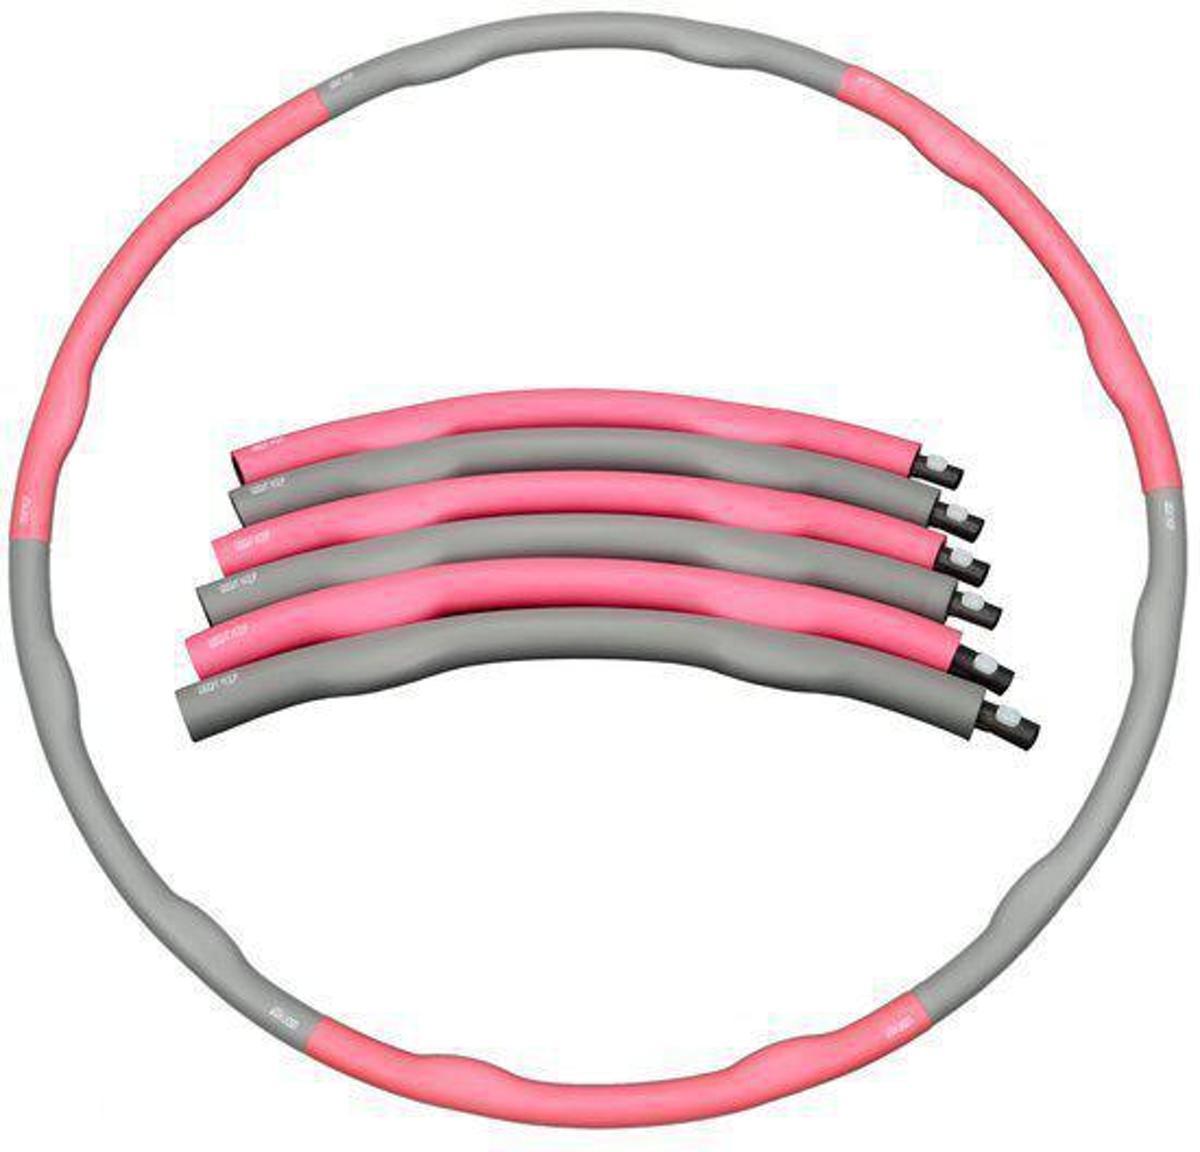 Weight hoop Original - Fitness Hoelahoep - Met DVD - 1.5kg - Ø 100 cm - Roze/Grijs kopen